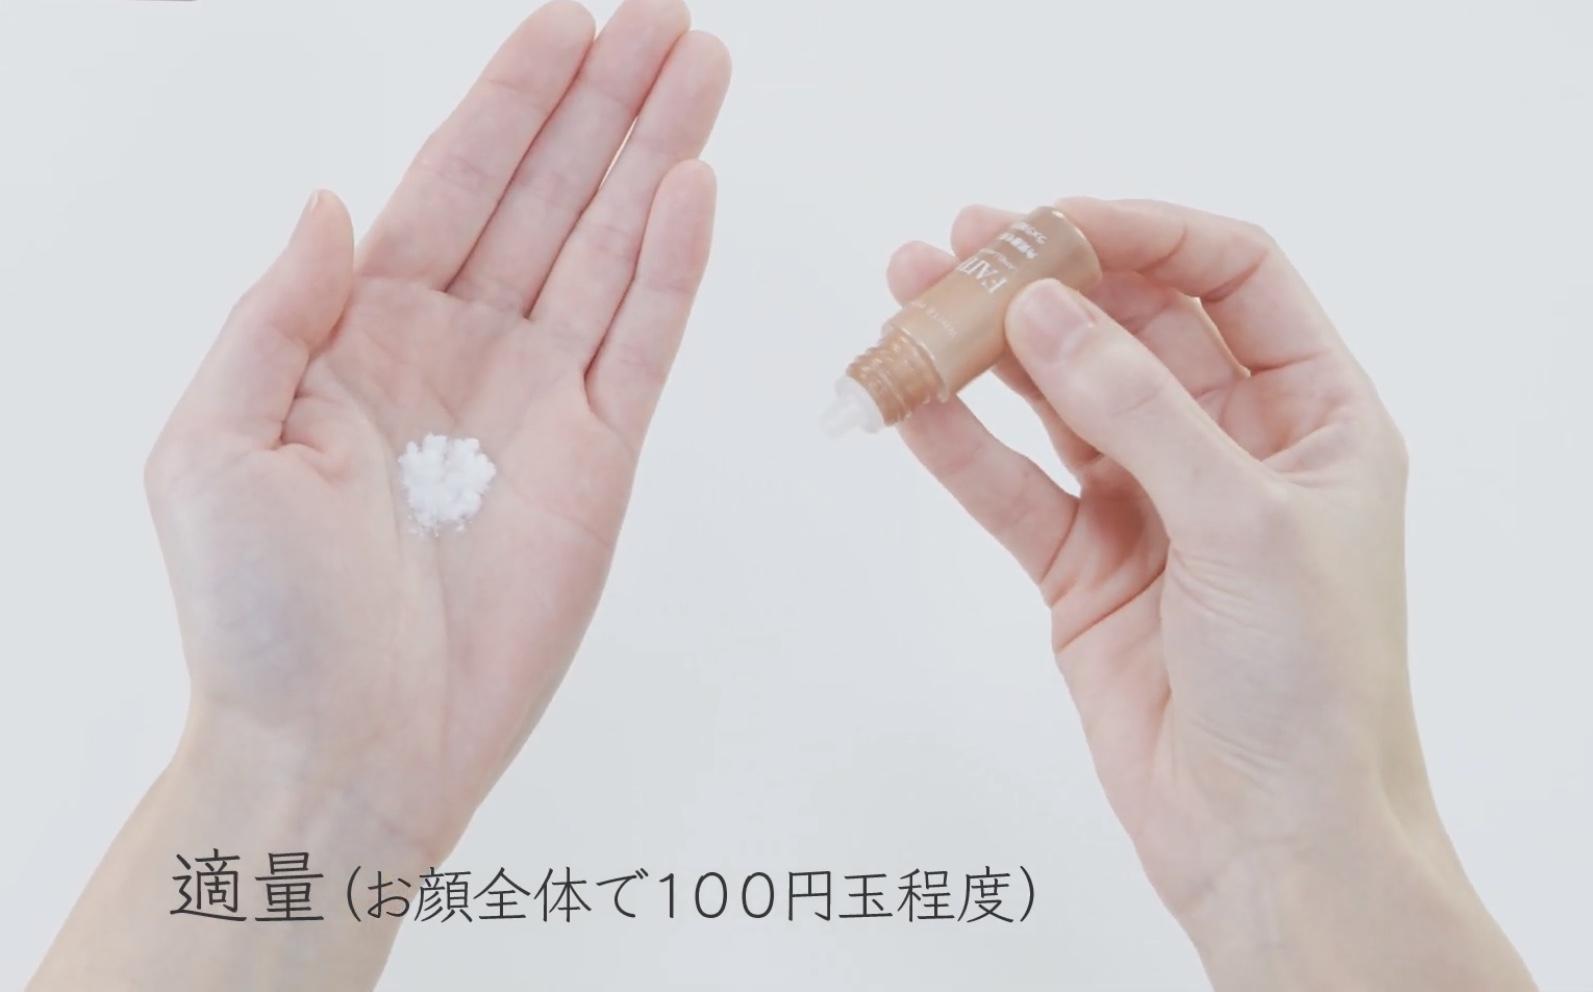 ニキビ シミ 化粧品